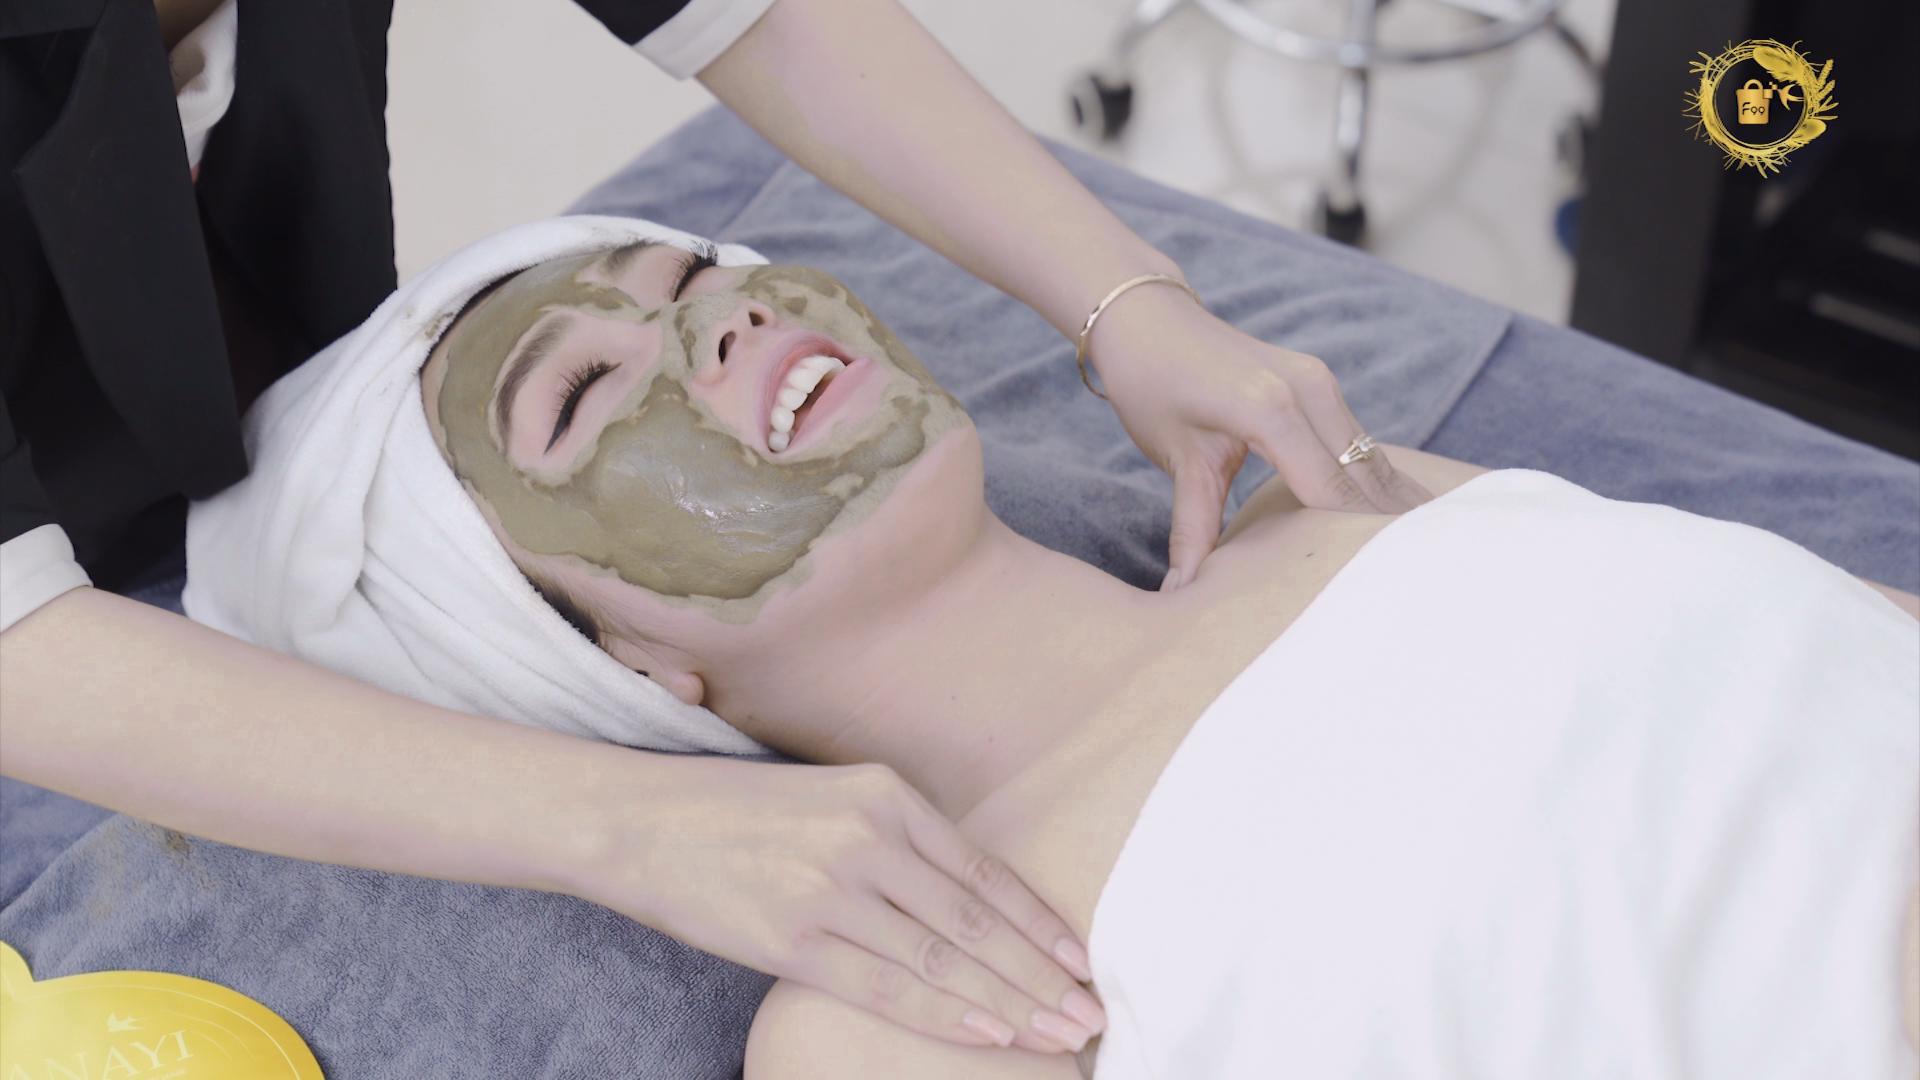 """Điều gì khiến Thuý Ngân, Khả Như và hội chị em """"mê mẩn"""" đắp mặt nạ yến hoàng cung - Royal Golden mask - Ảnh 1."""